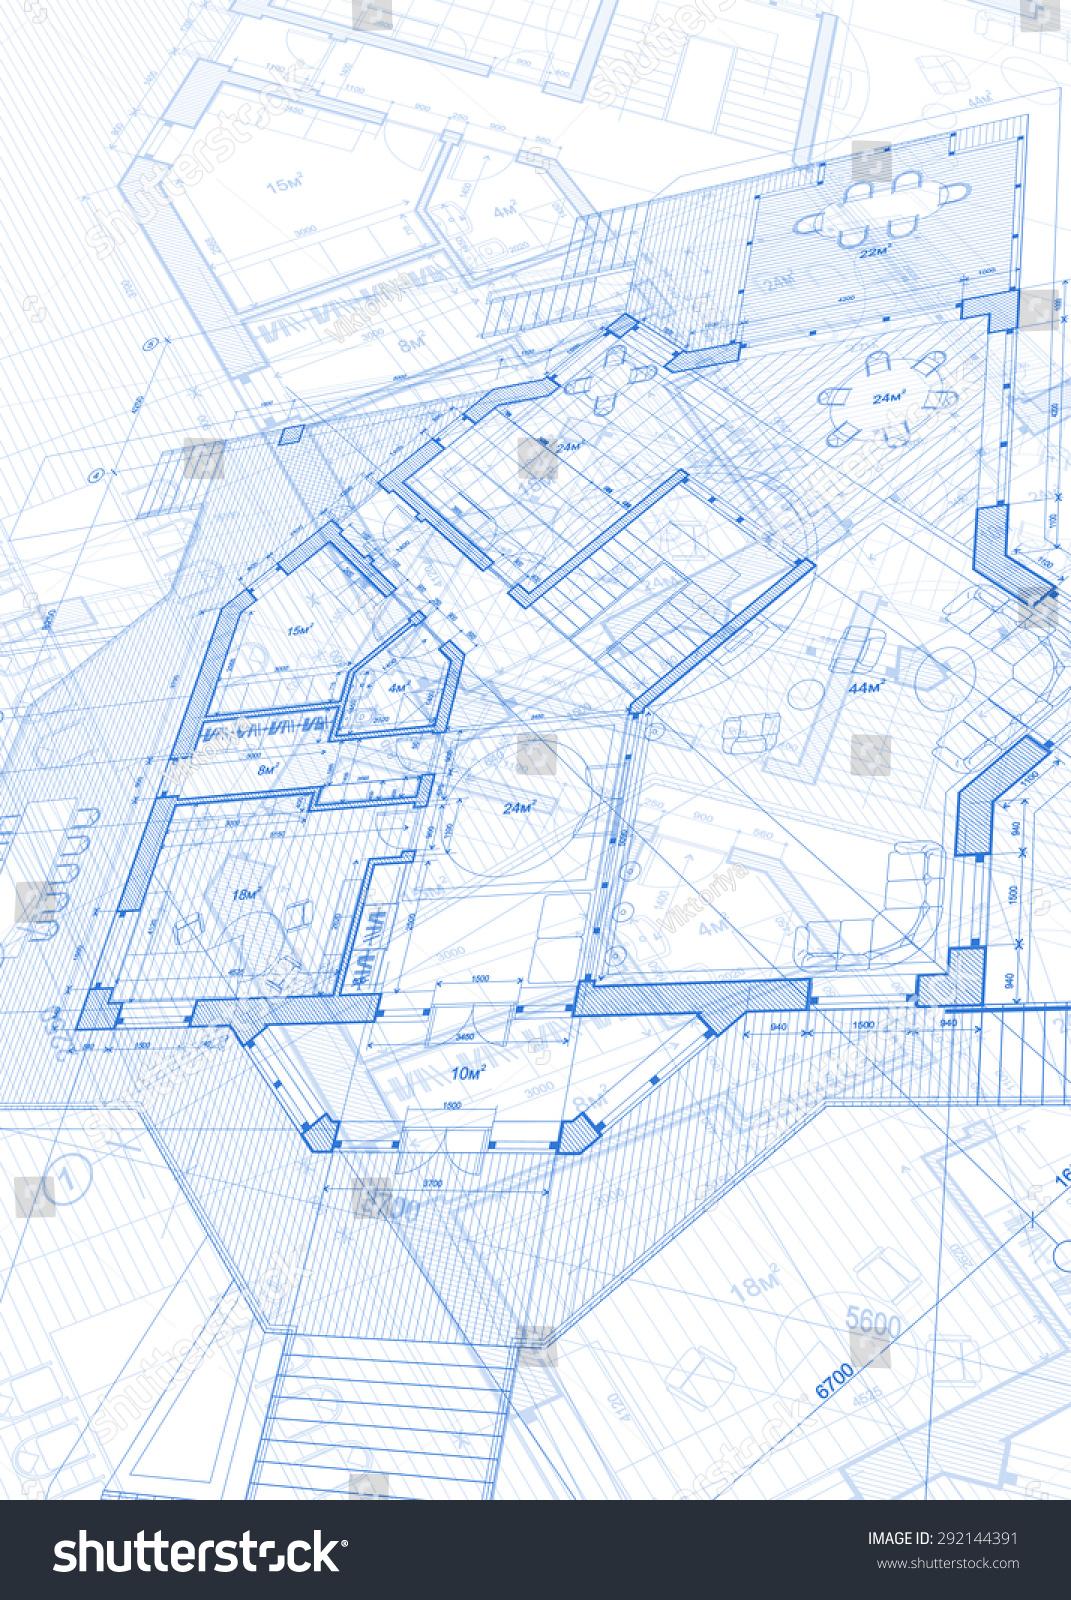 Architecture design blueprint house plans illustration for Architecture blueprint